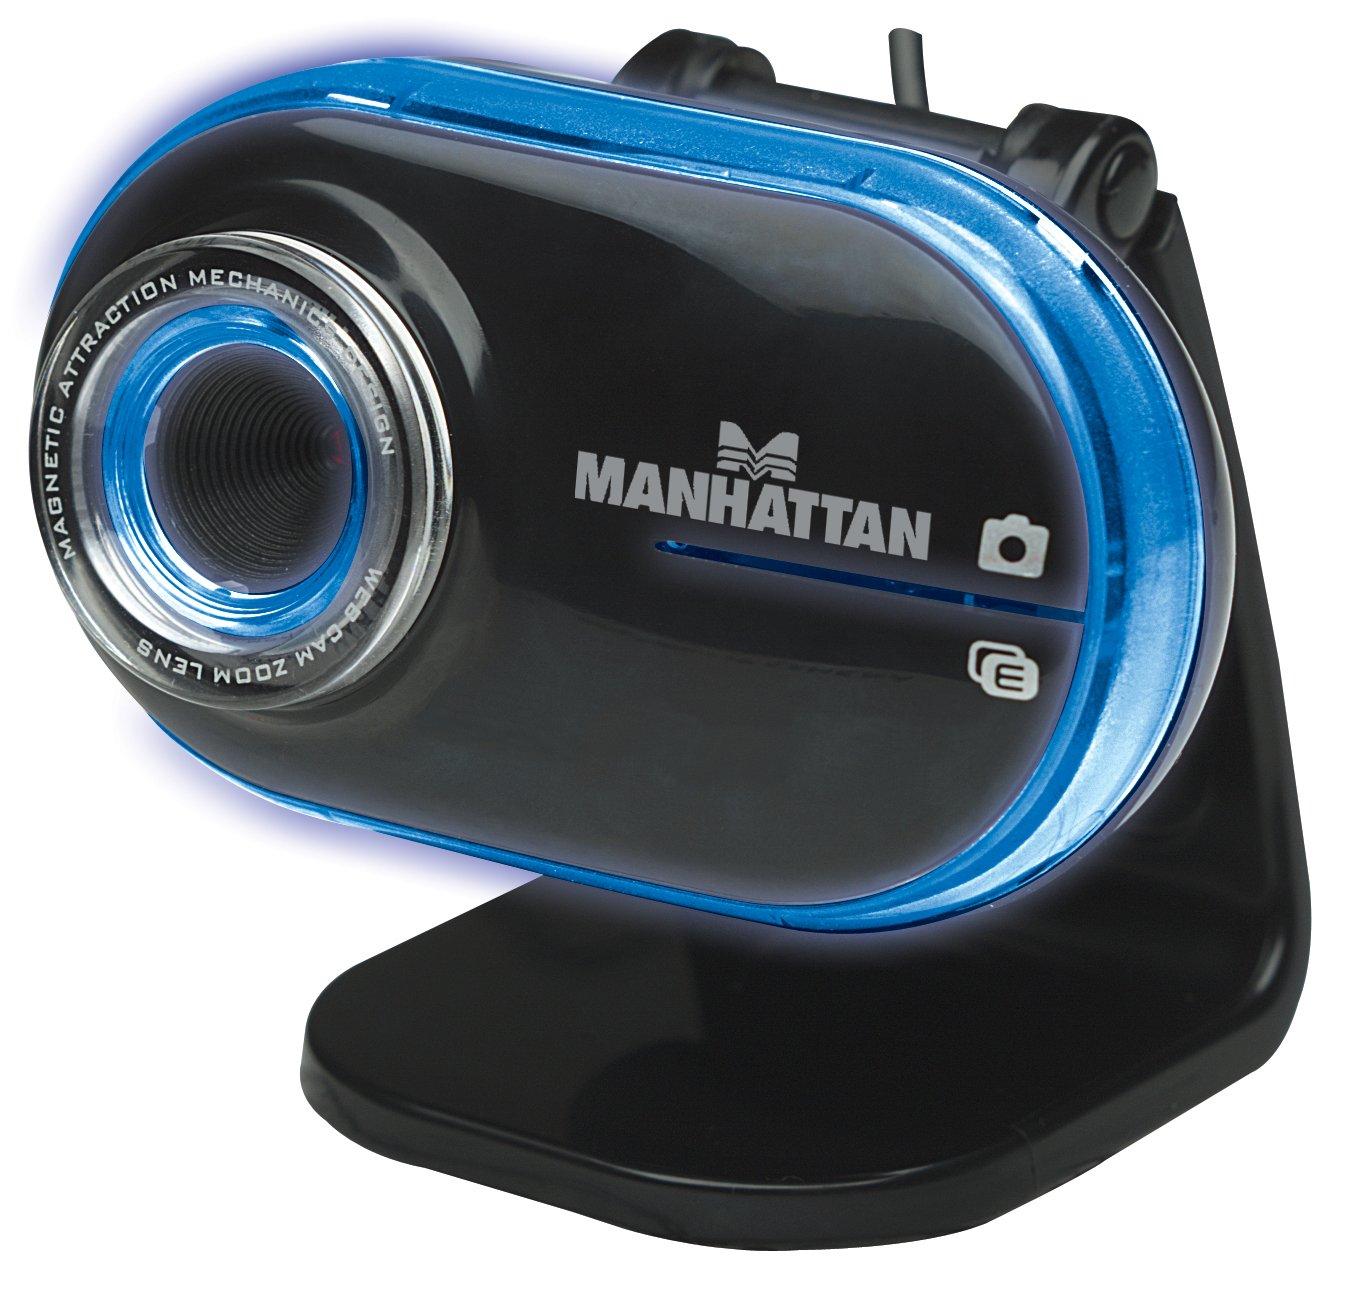 Скачать драйвер для веб камеры manhattan